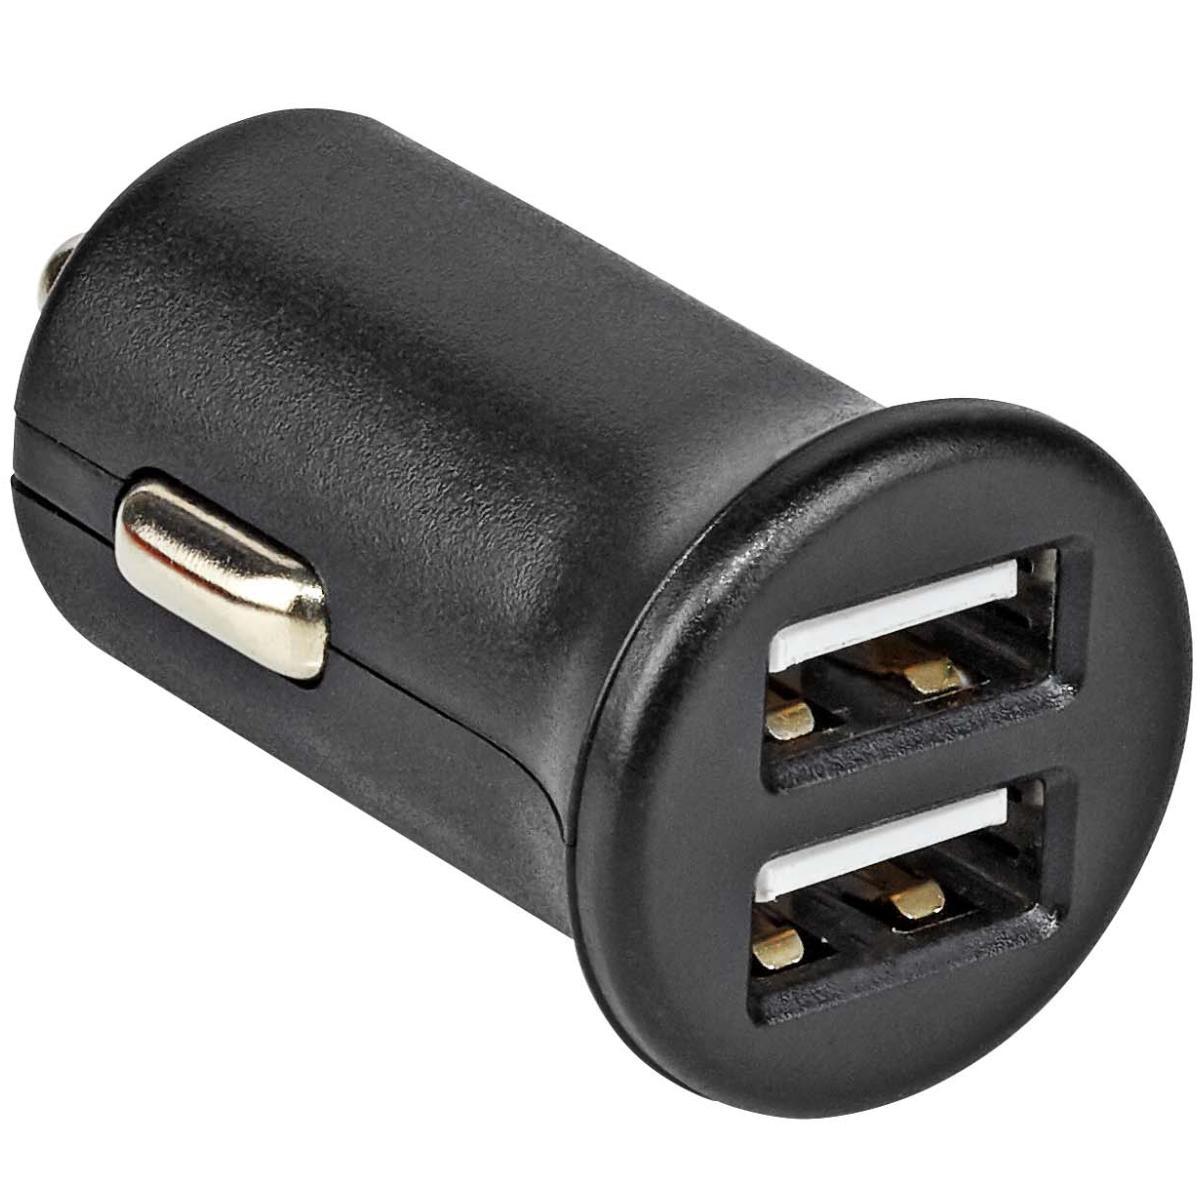 USB Lader Sigarettenaansteker Uitgaande Stroom 2x USB: 1050 mA